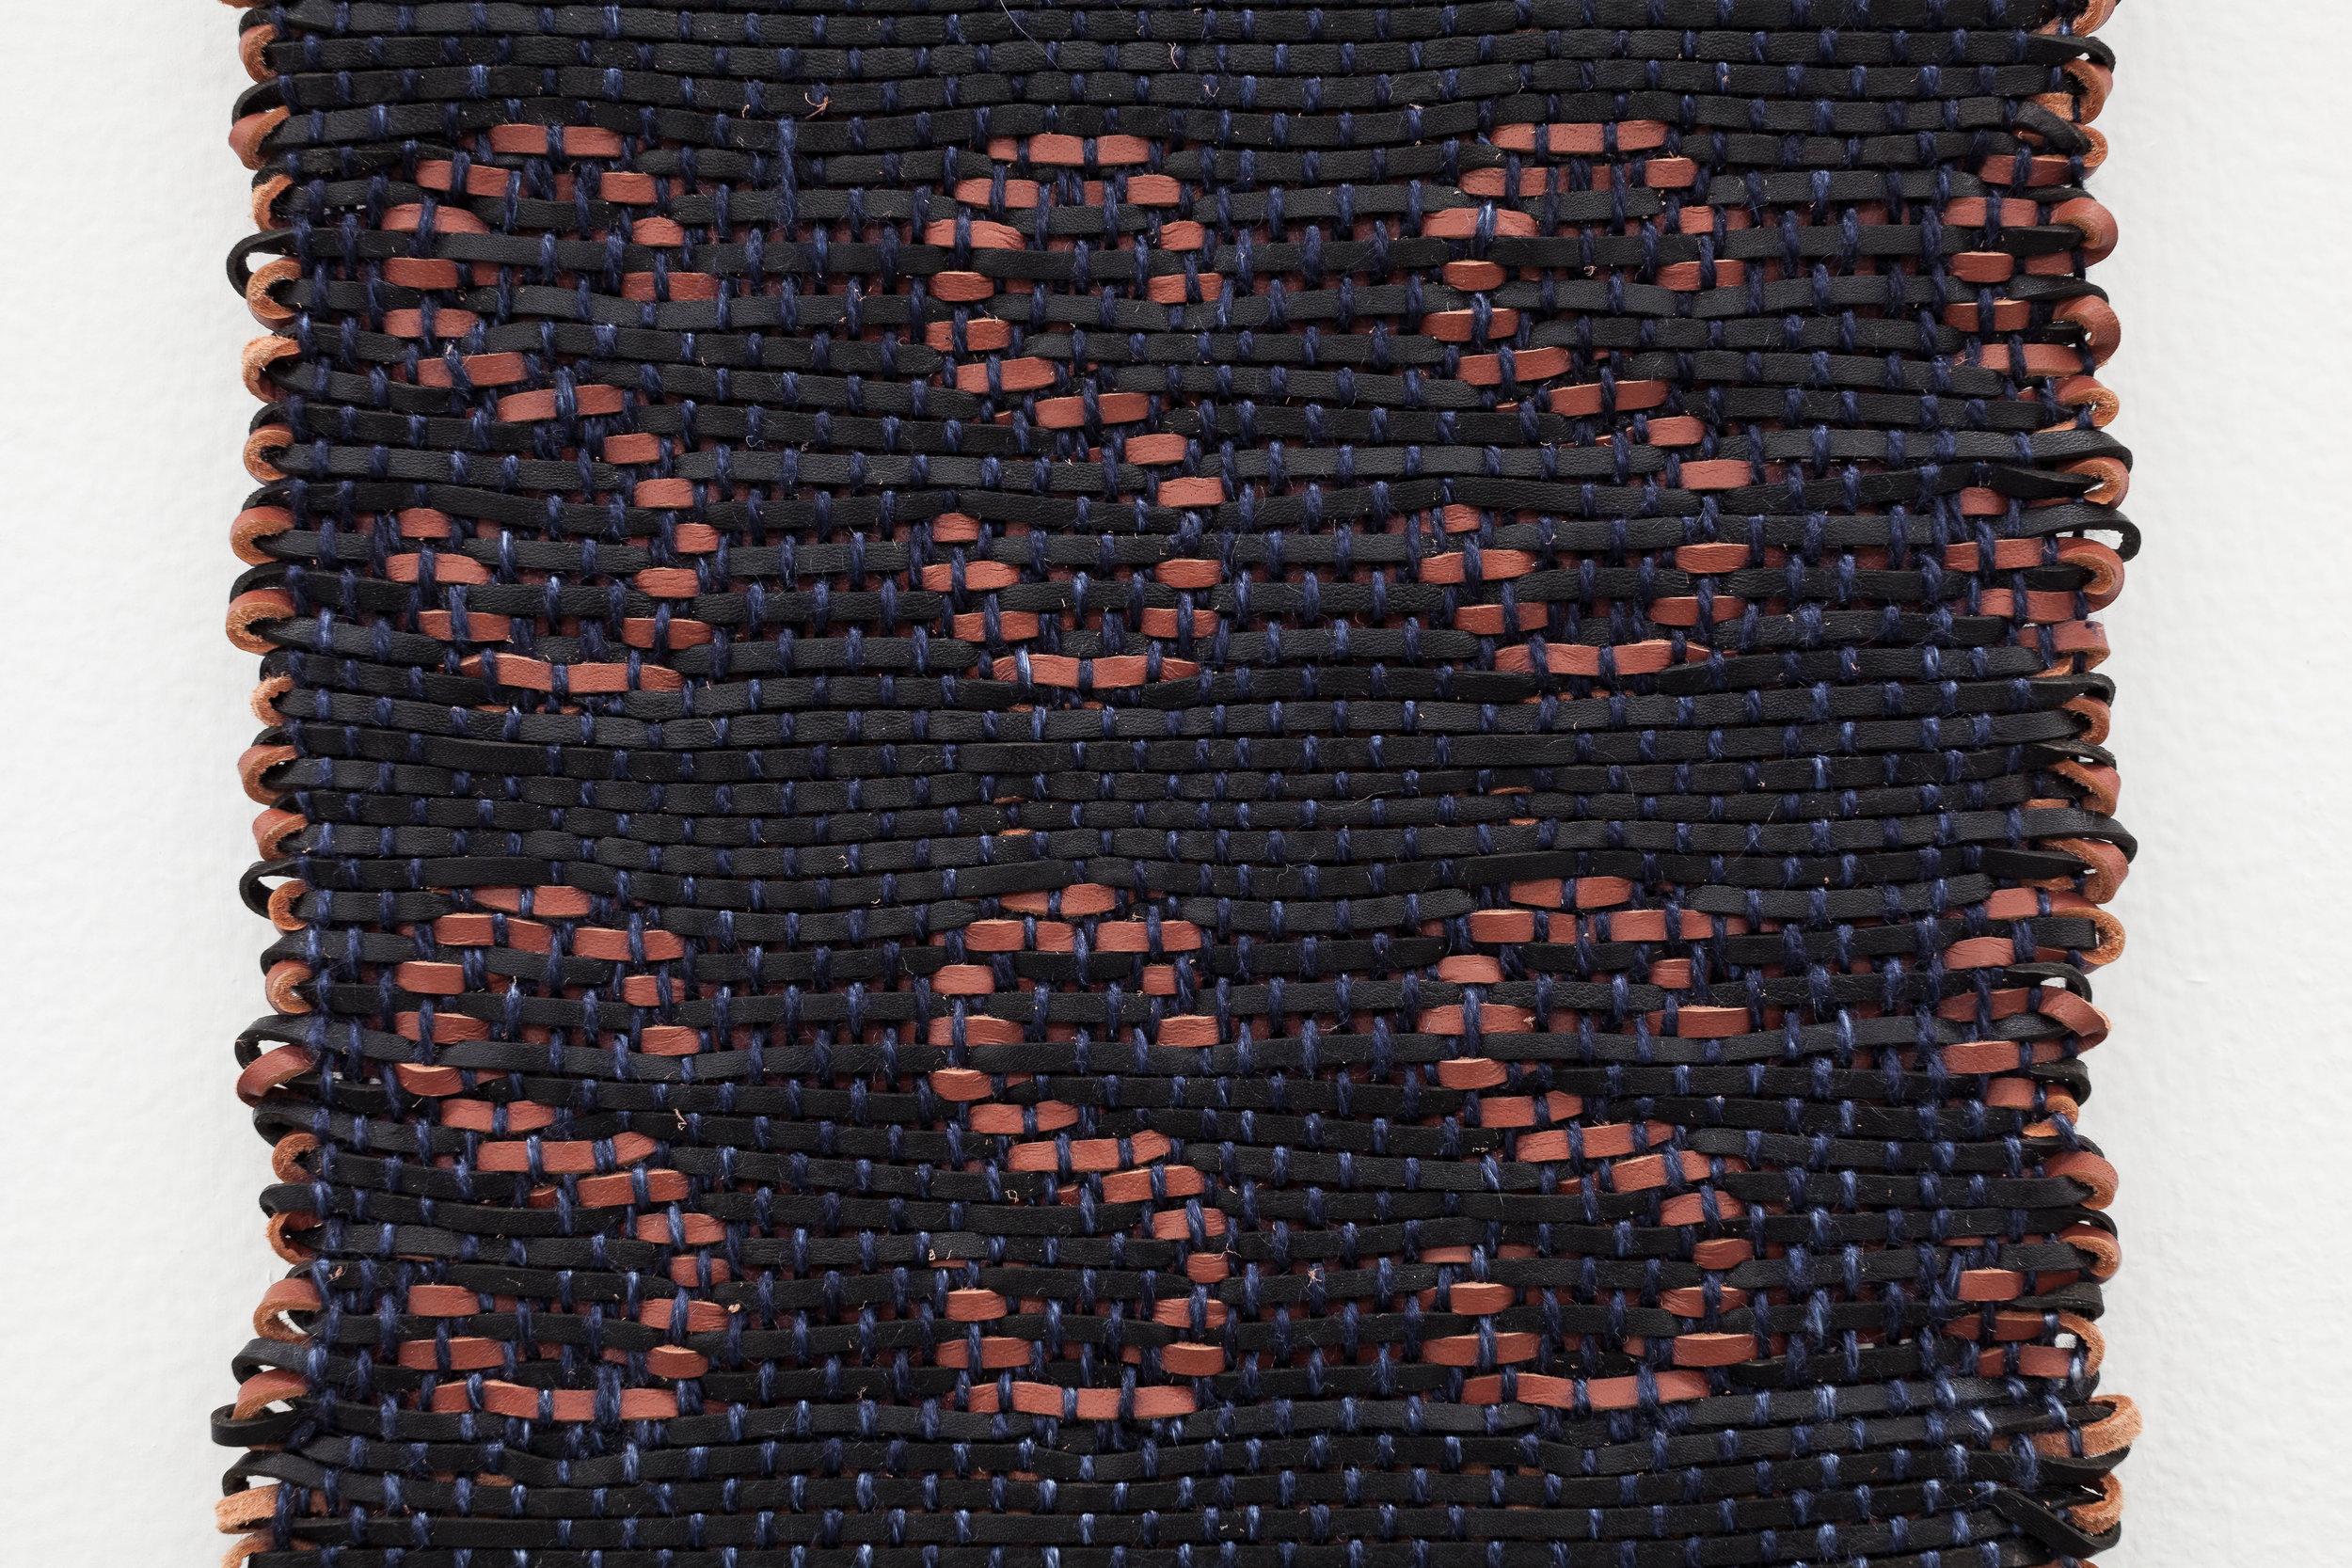 32_harnesses_detail.jpg